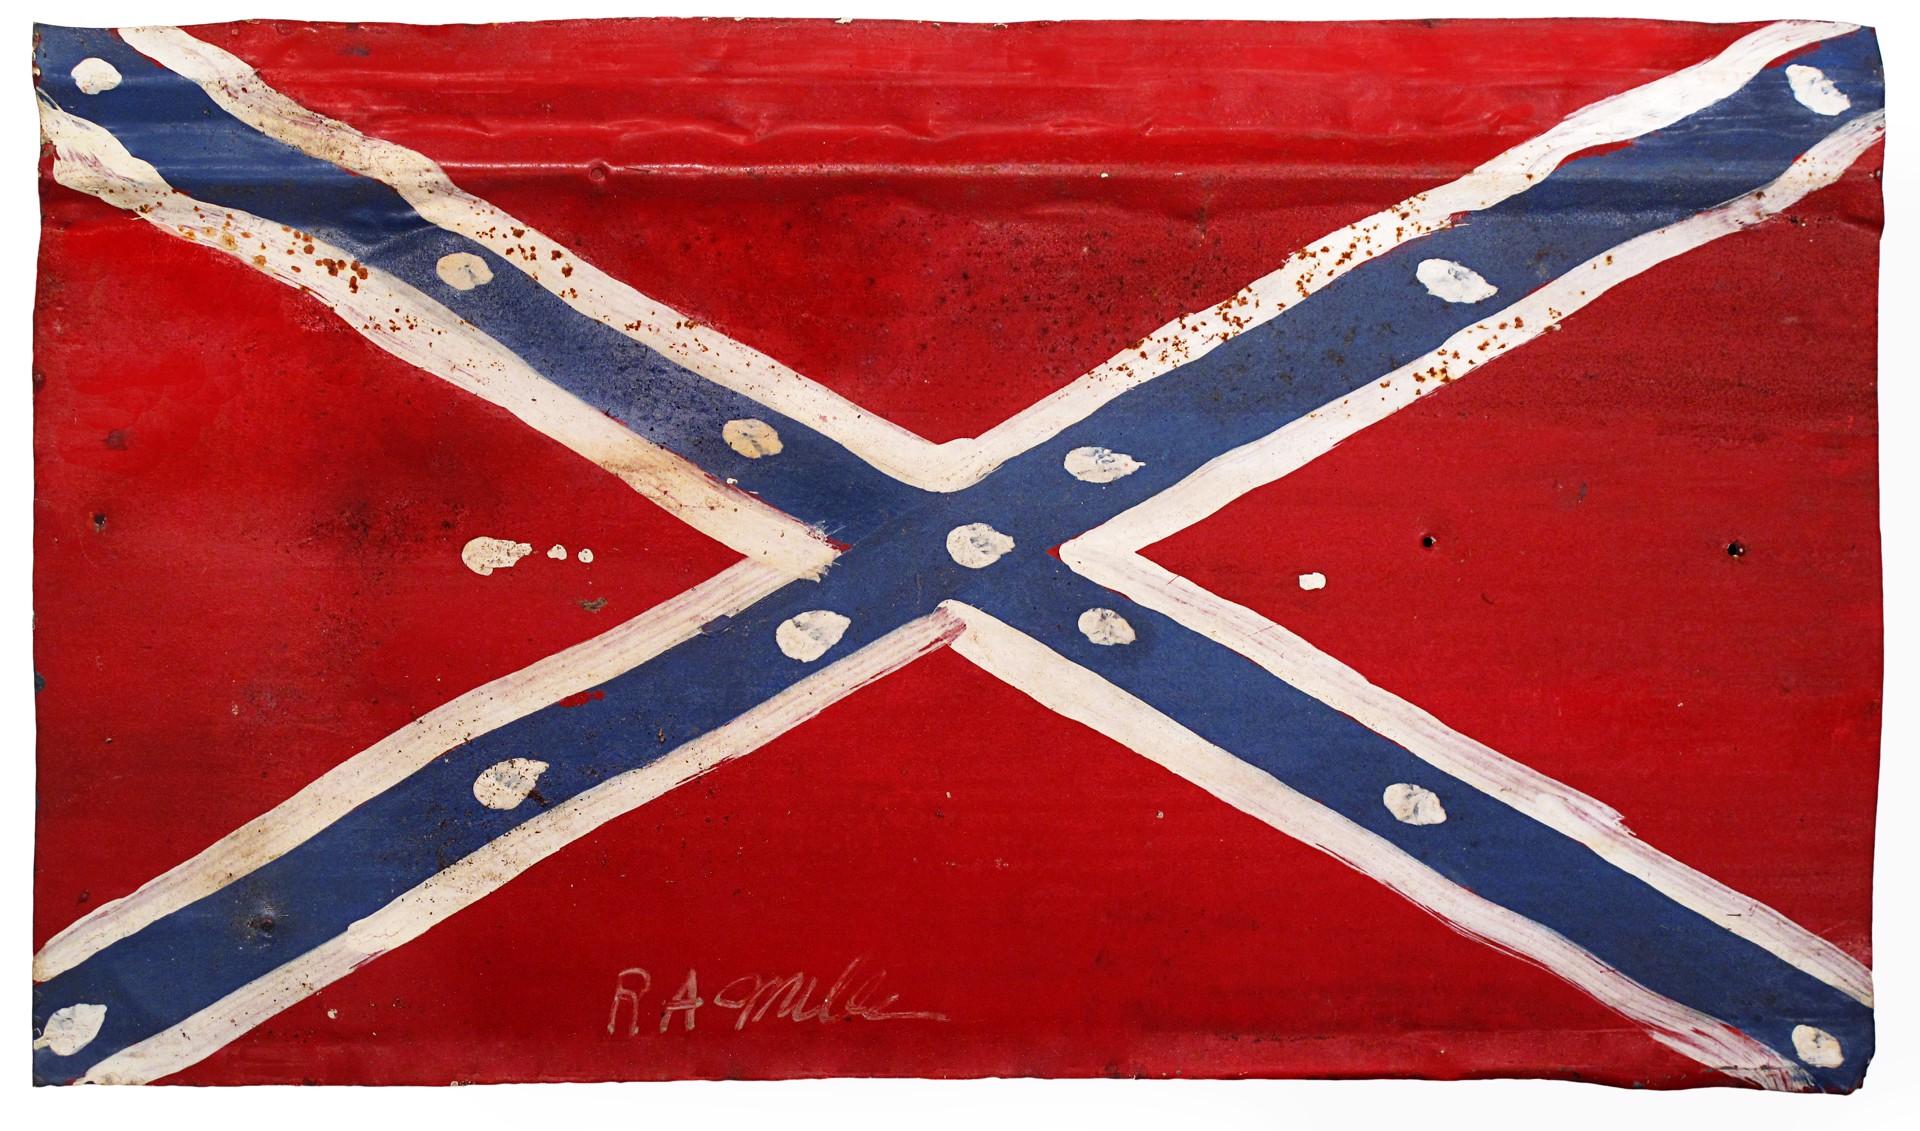 Rebel Flag by R.A. Miller